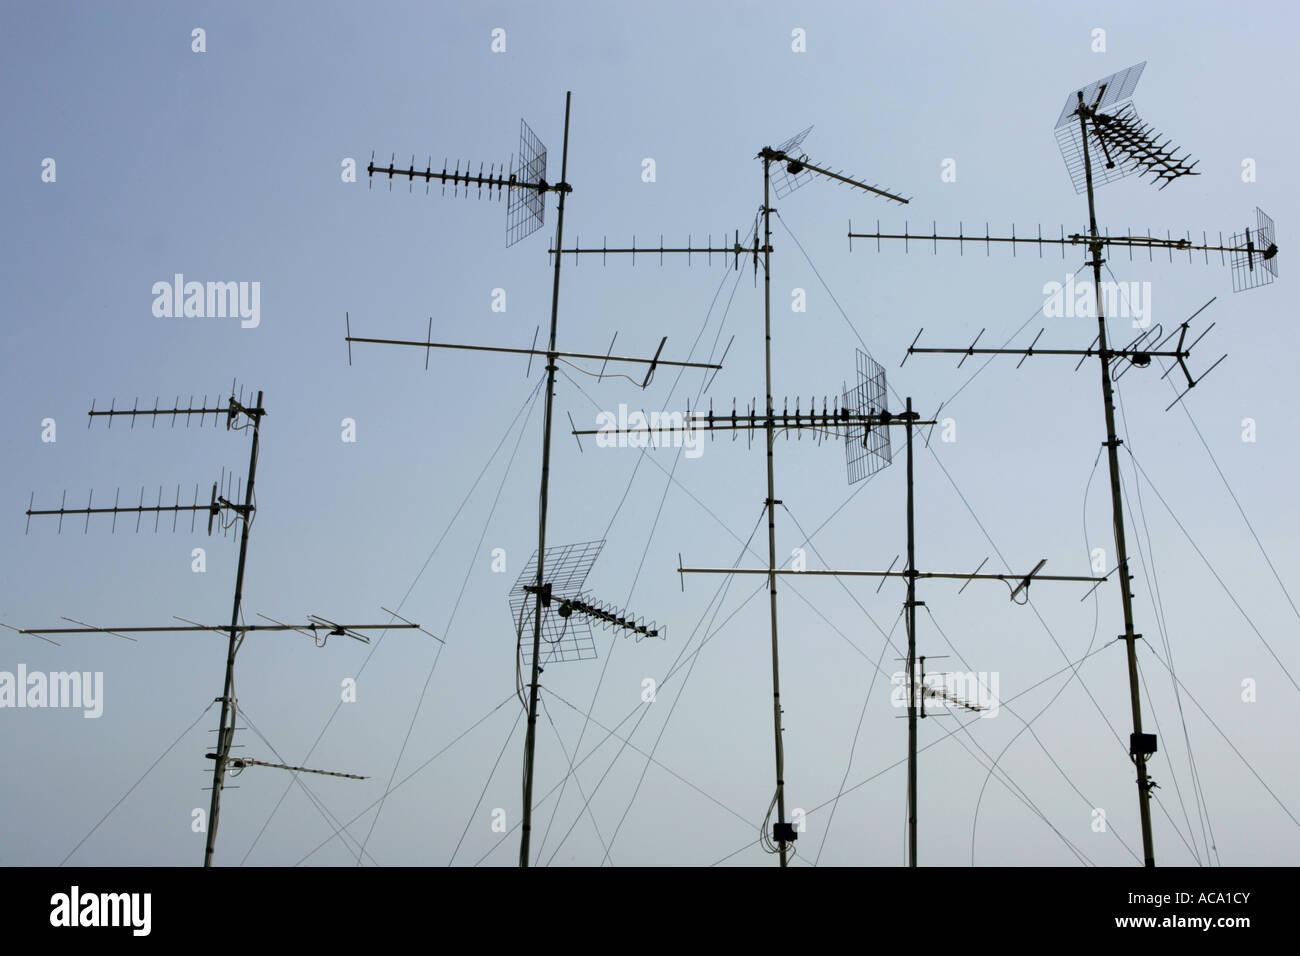 Roof Antennas